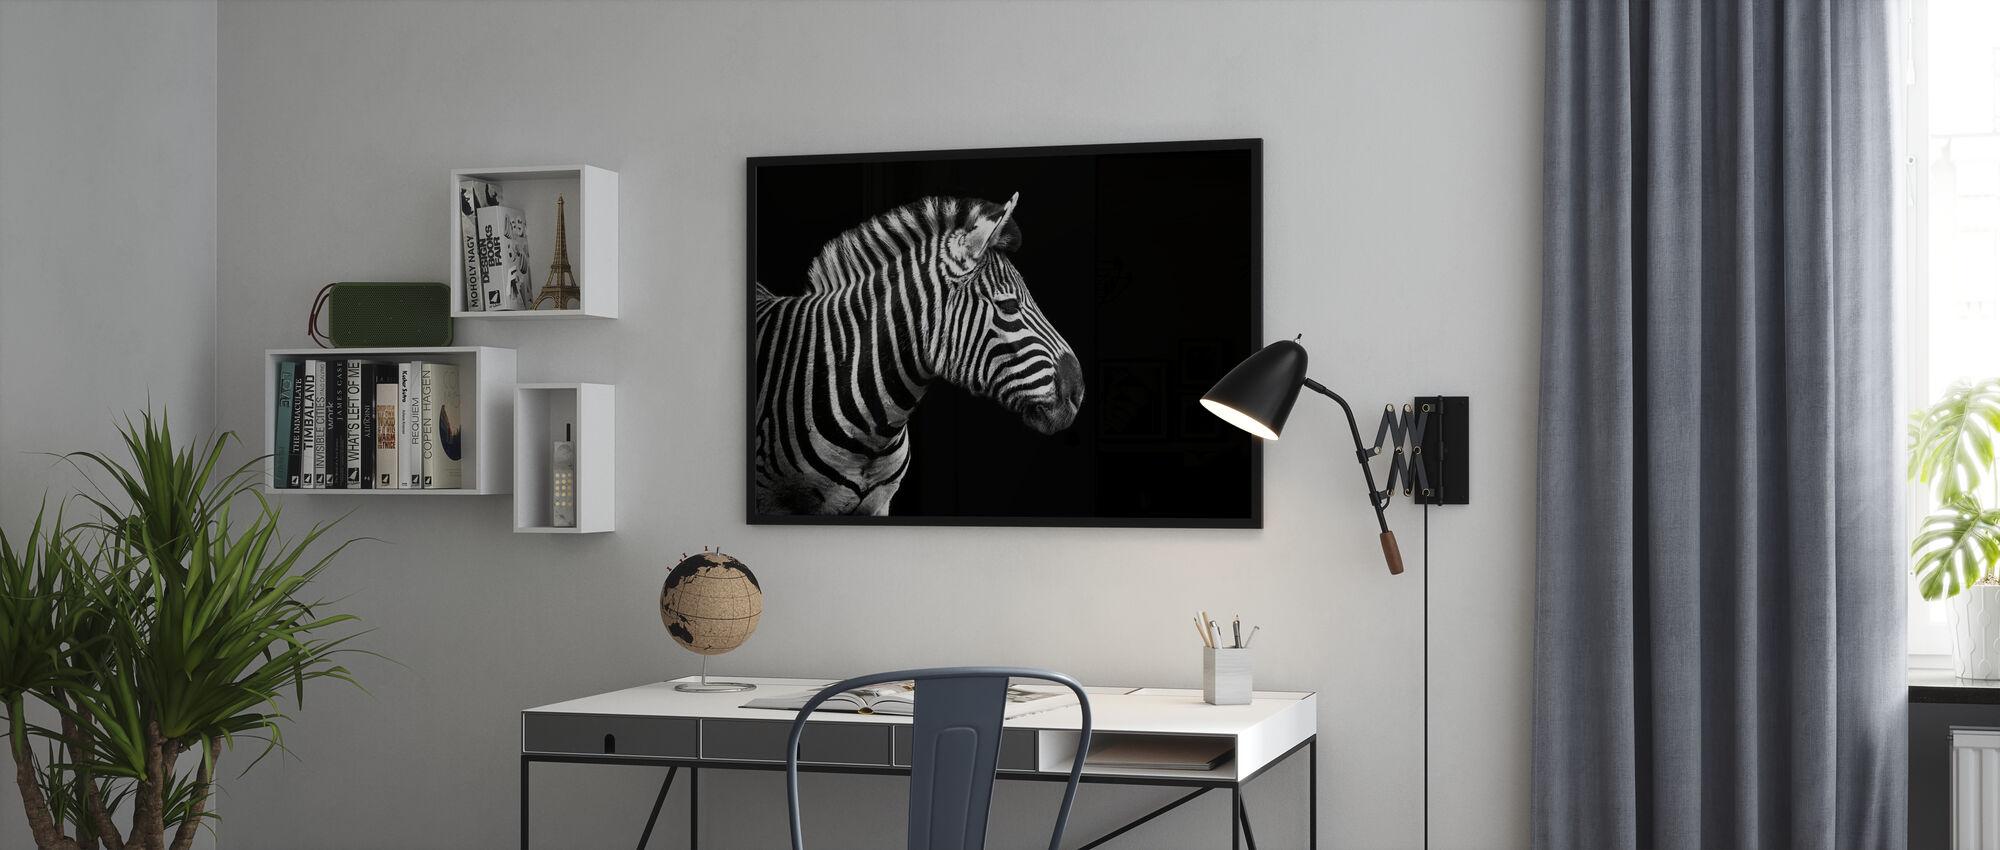 Zebra - Poster - Office